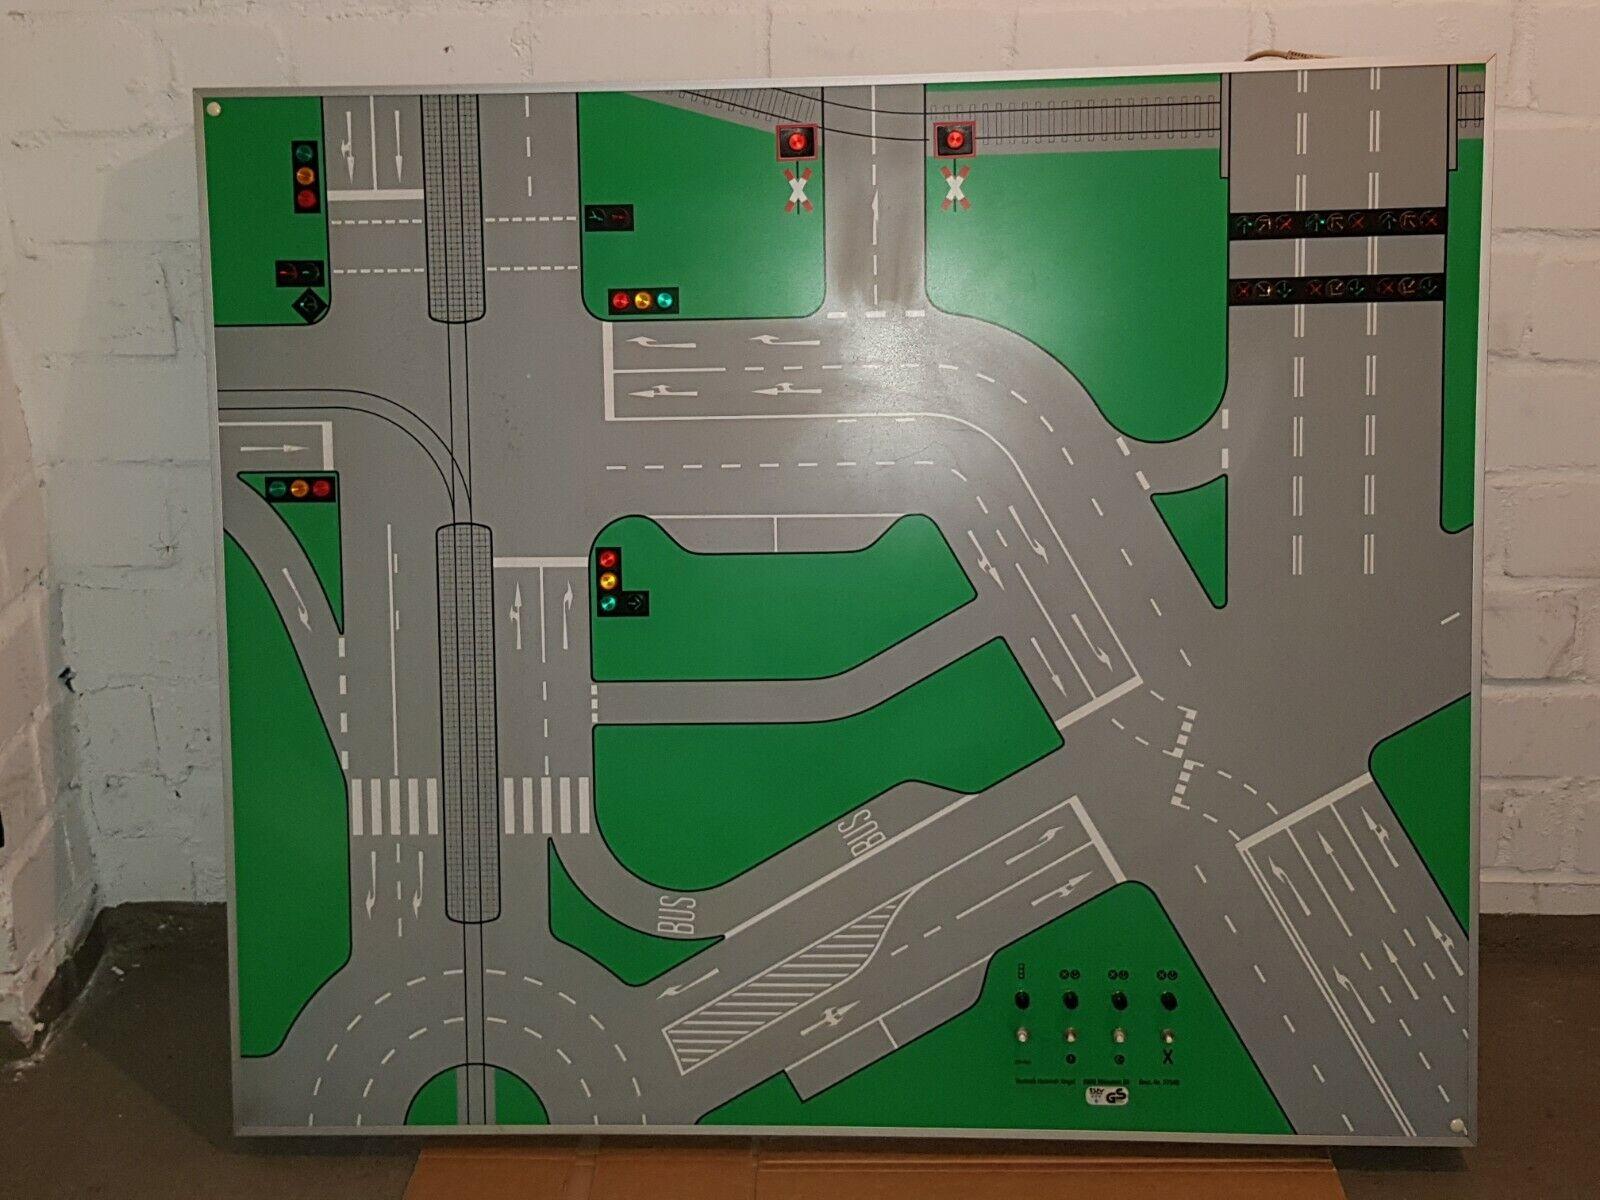 Fahrschule Fahrschultafel Lernmittel Verkehrerziehung Tafel Verkehrstafel Schule